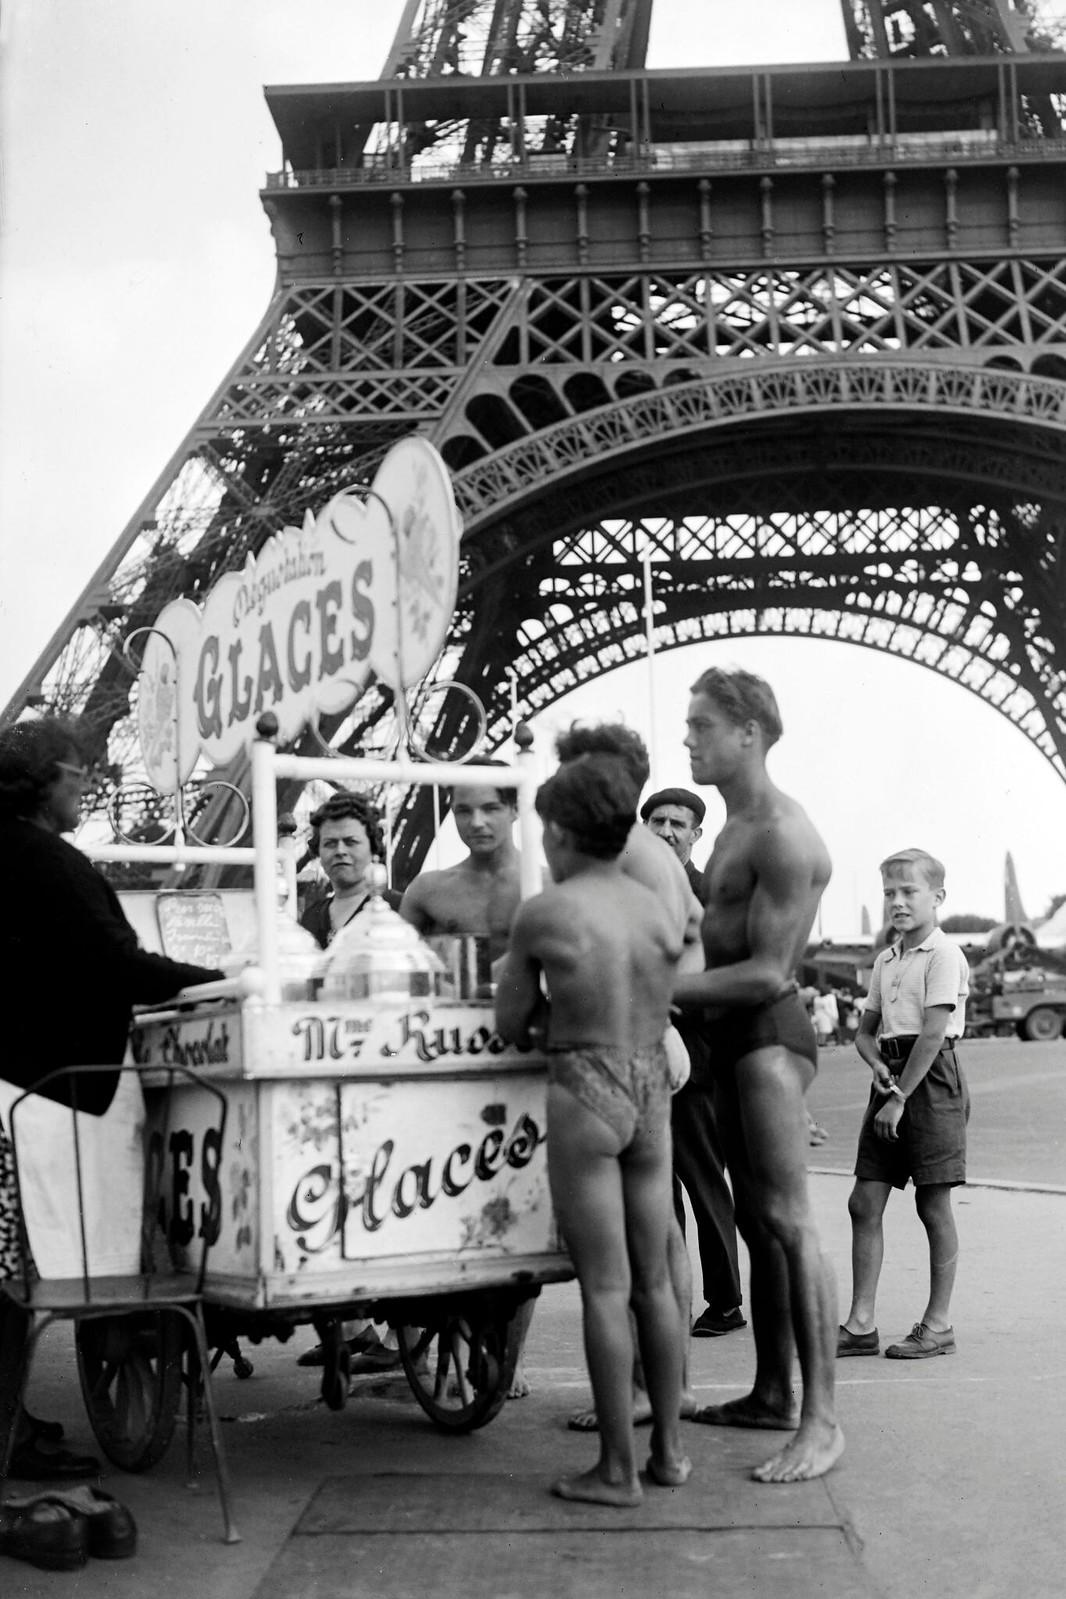 1945. Молодые люди в купальных костюмах покупают мороженое возле Эйфелевой башни в июле